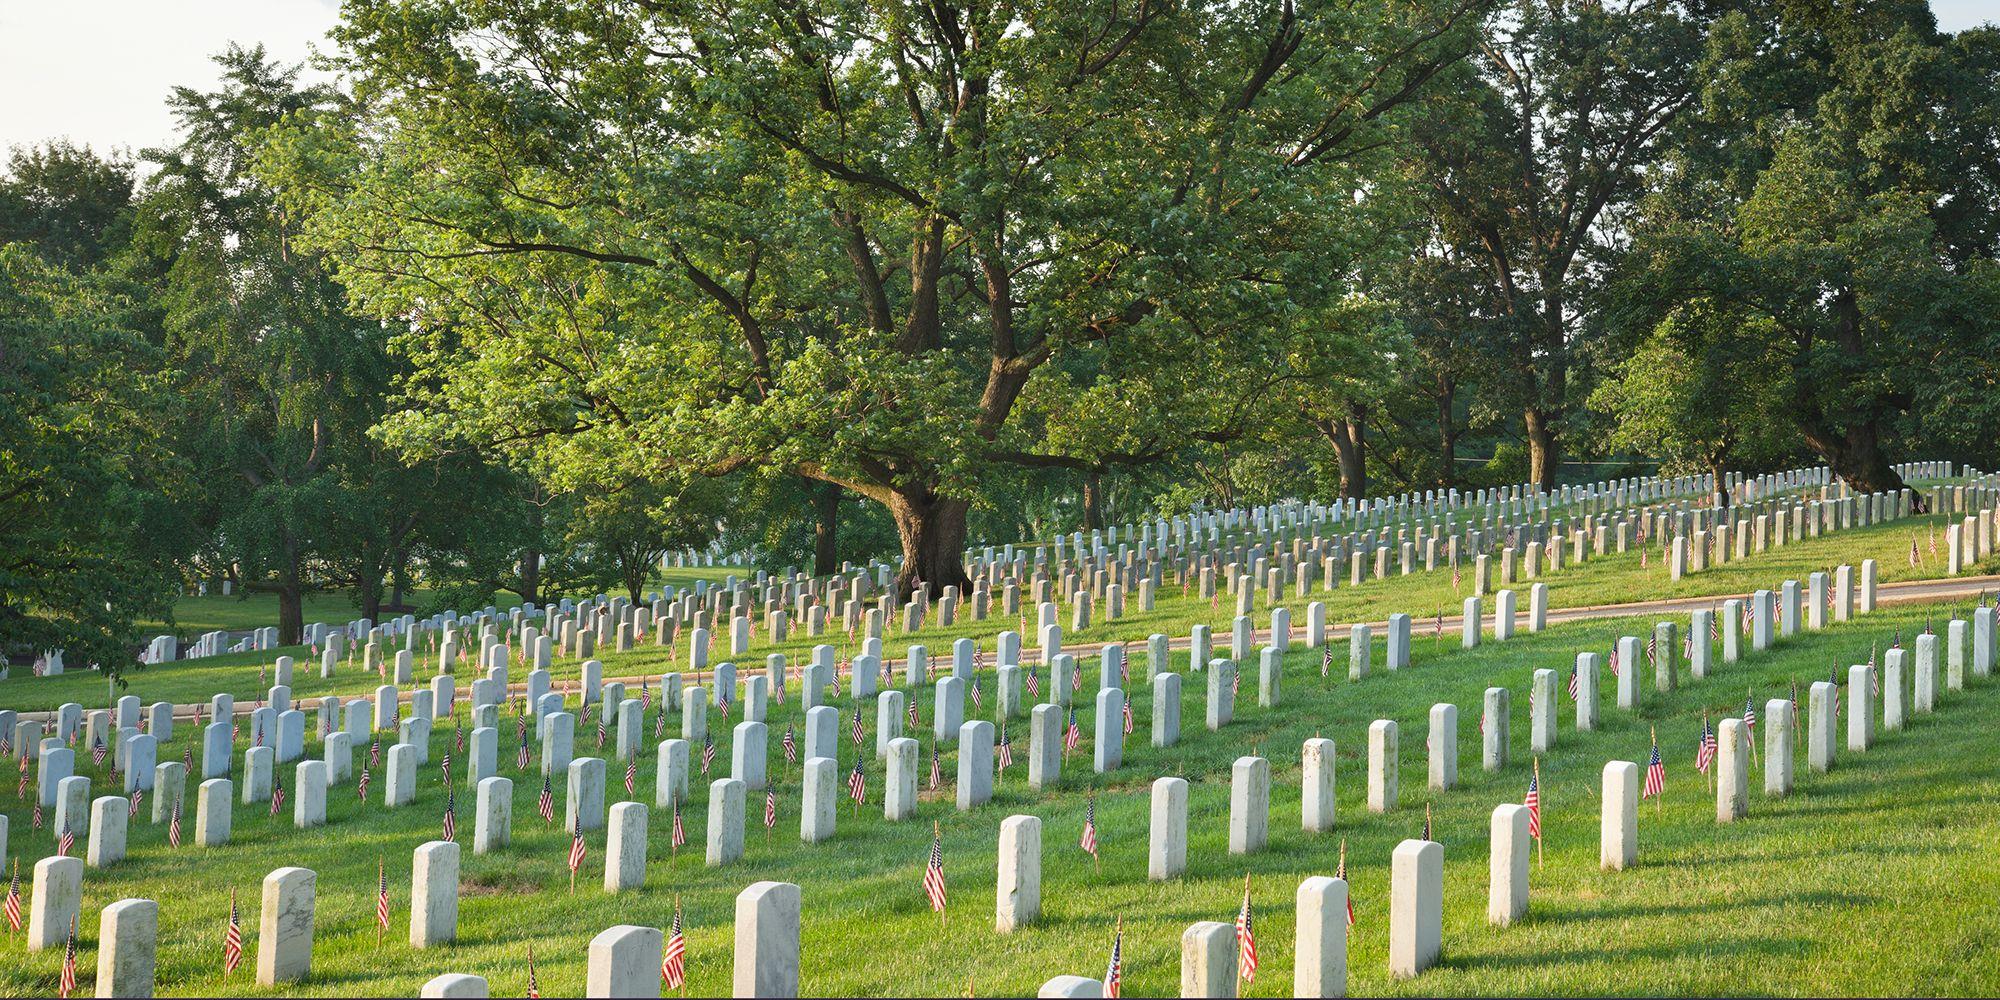 Arlington National Cemetery,Washington, D.C.